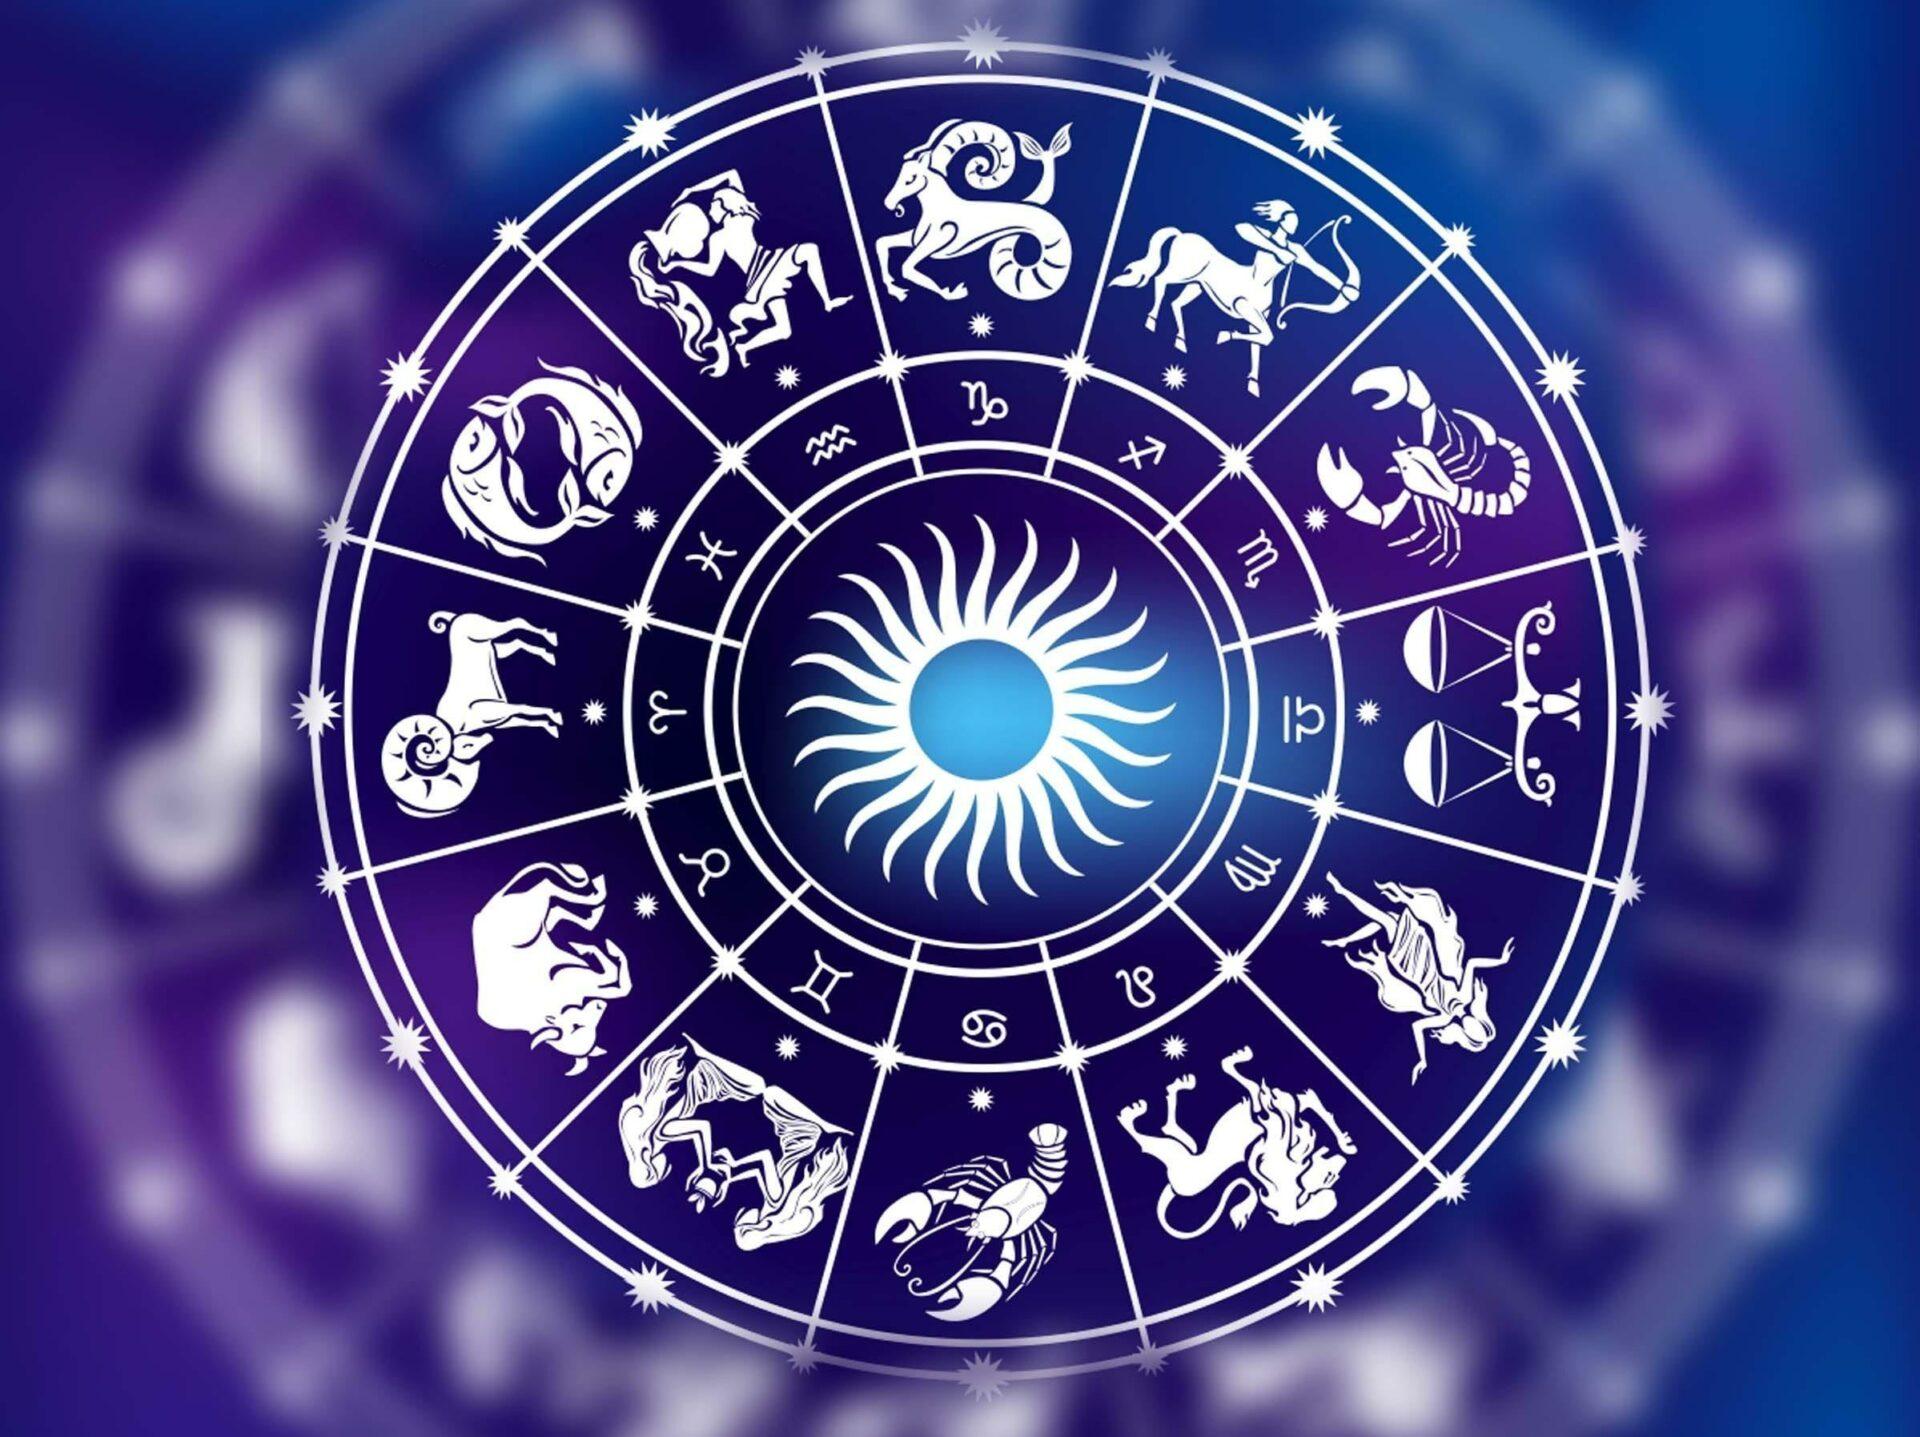 Астролог Лилли назвала три самых умных знака зодиака